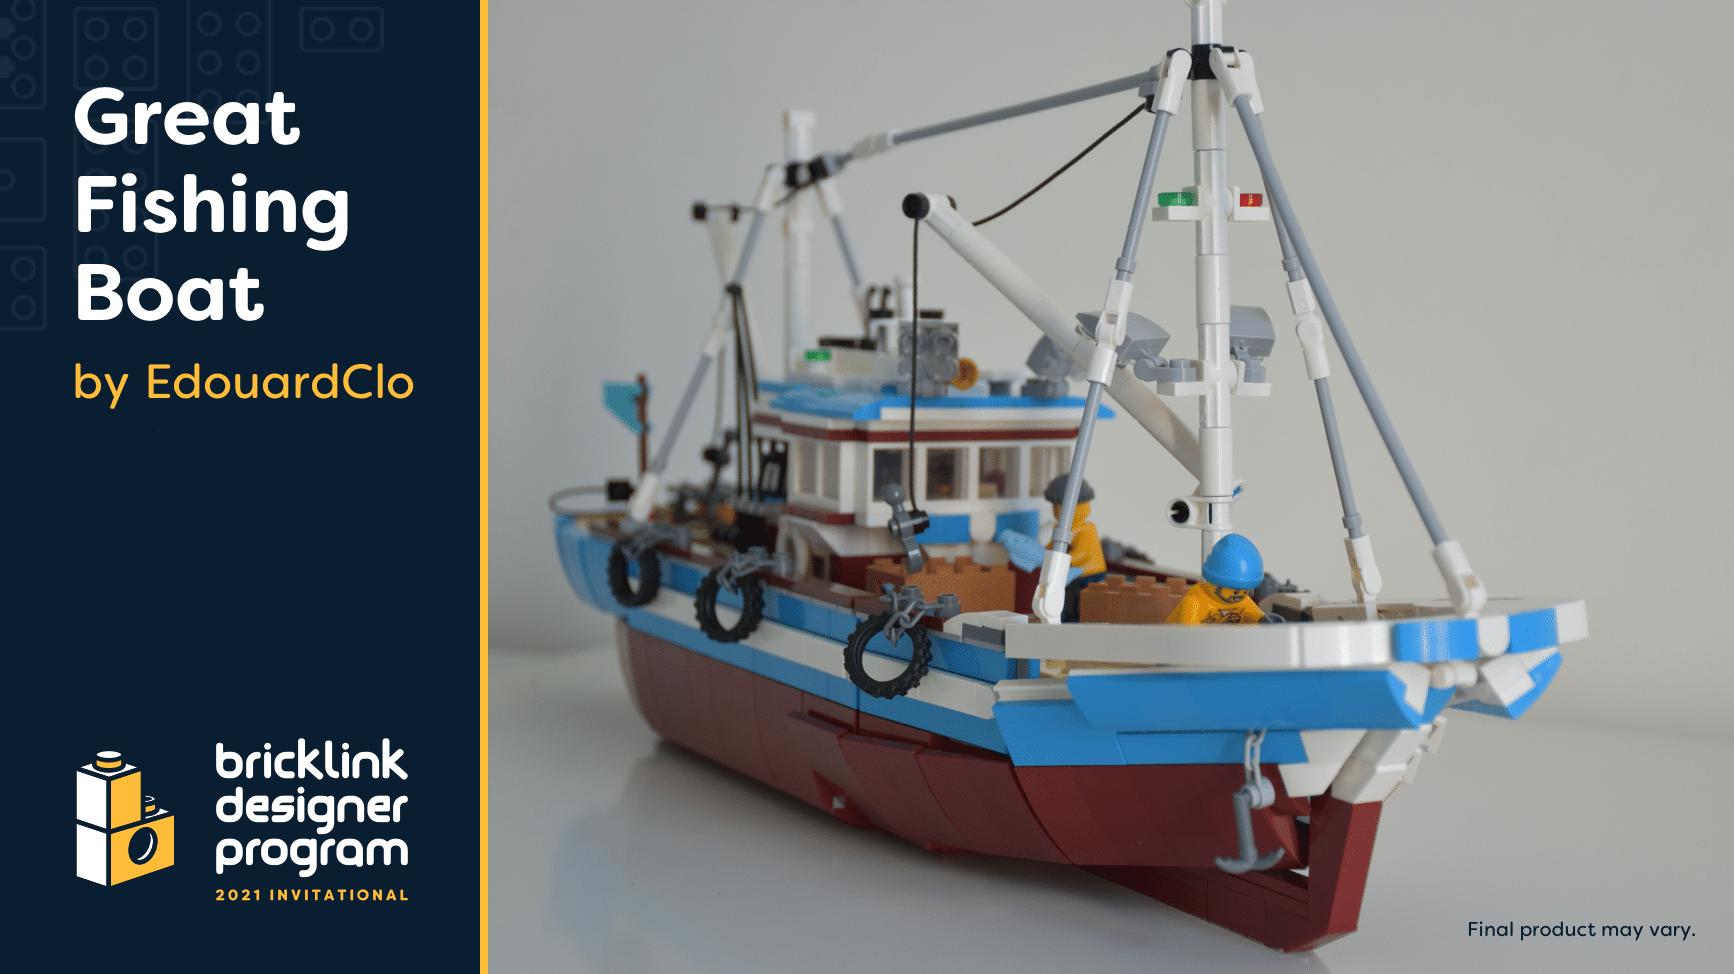 Bricklink Designer Program 2021 Great Fising Boat